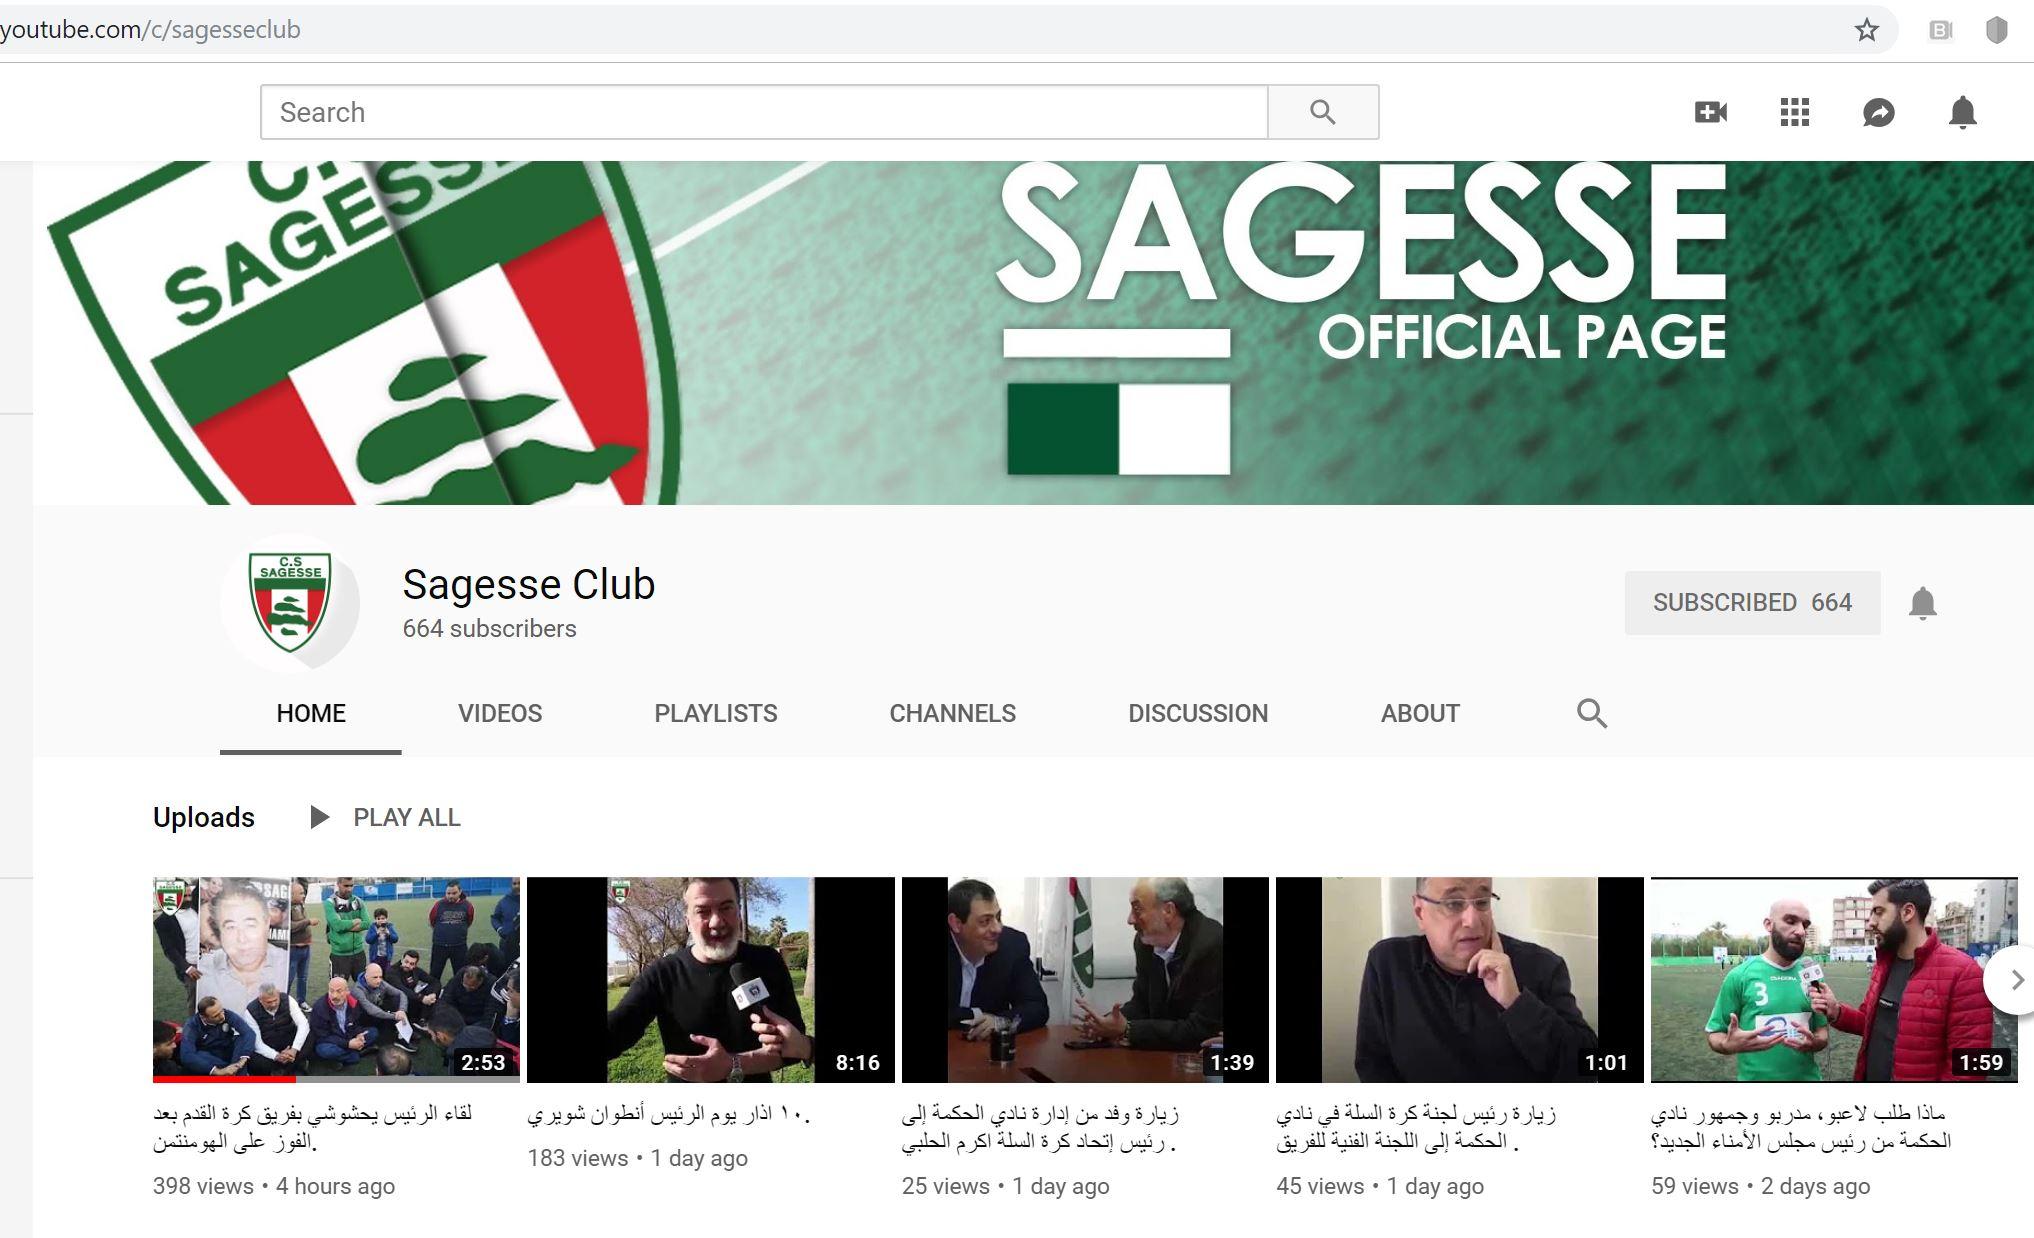 sagesse-club-youtube